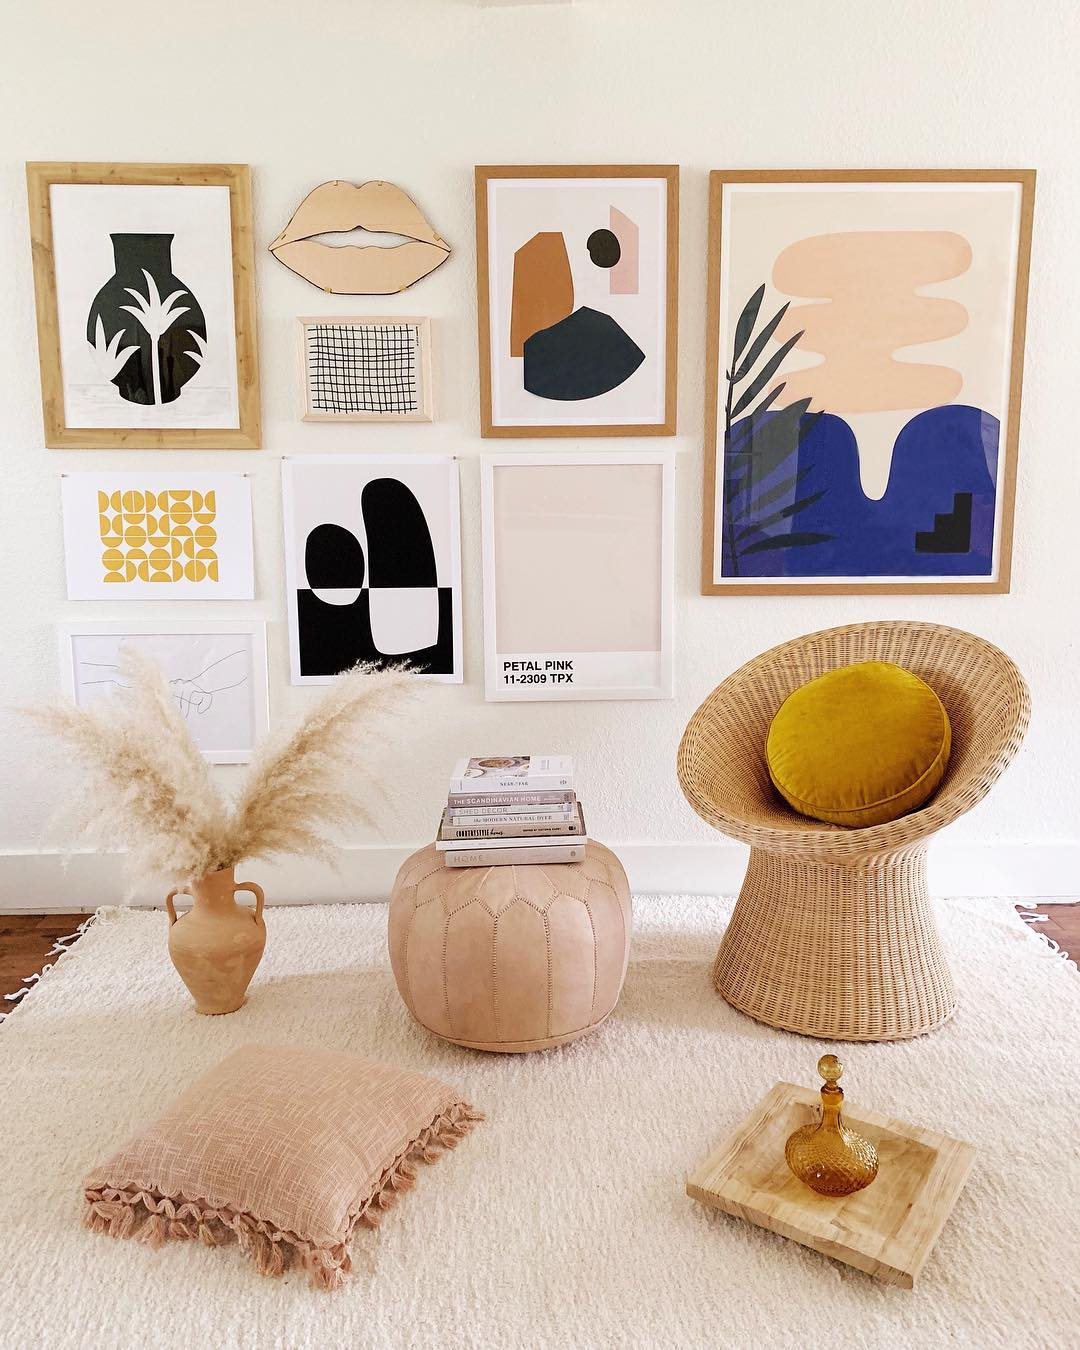 ezz-wilson-portland-interior-stylist-designer-photo-4 - Ezz Wilson.jpg